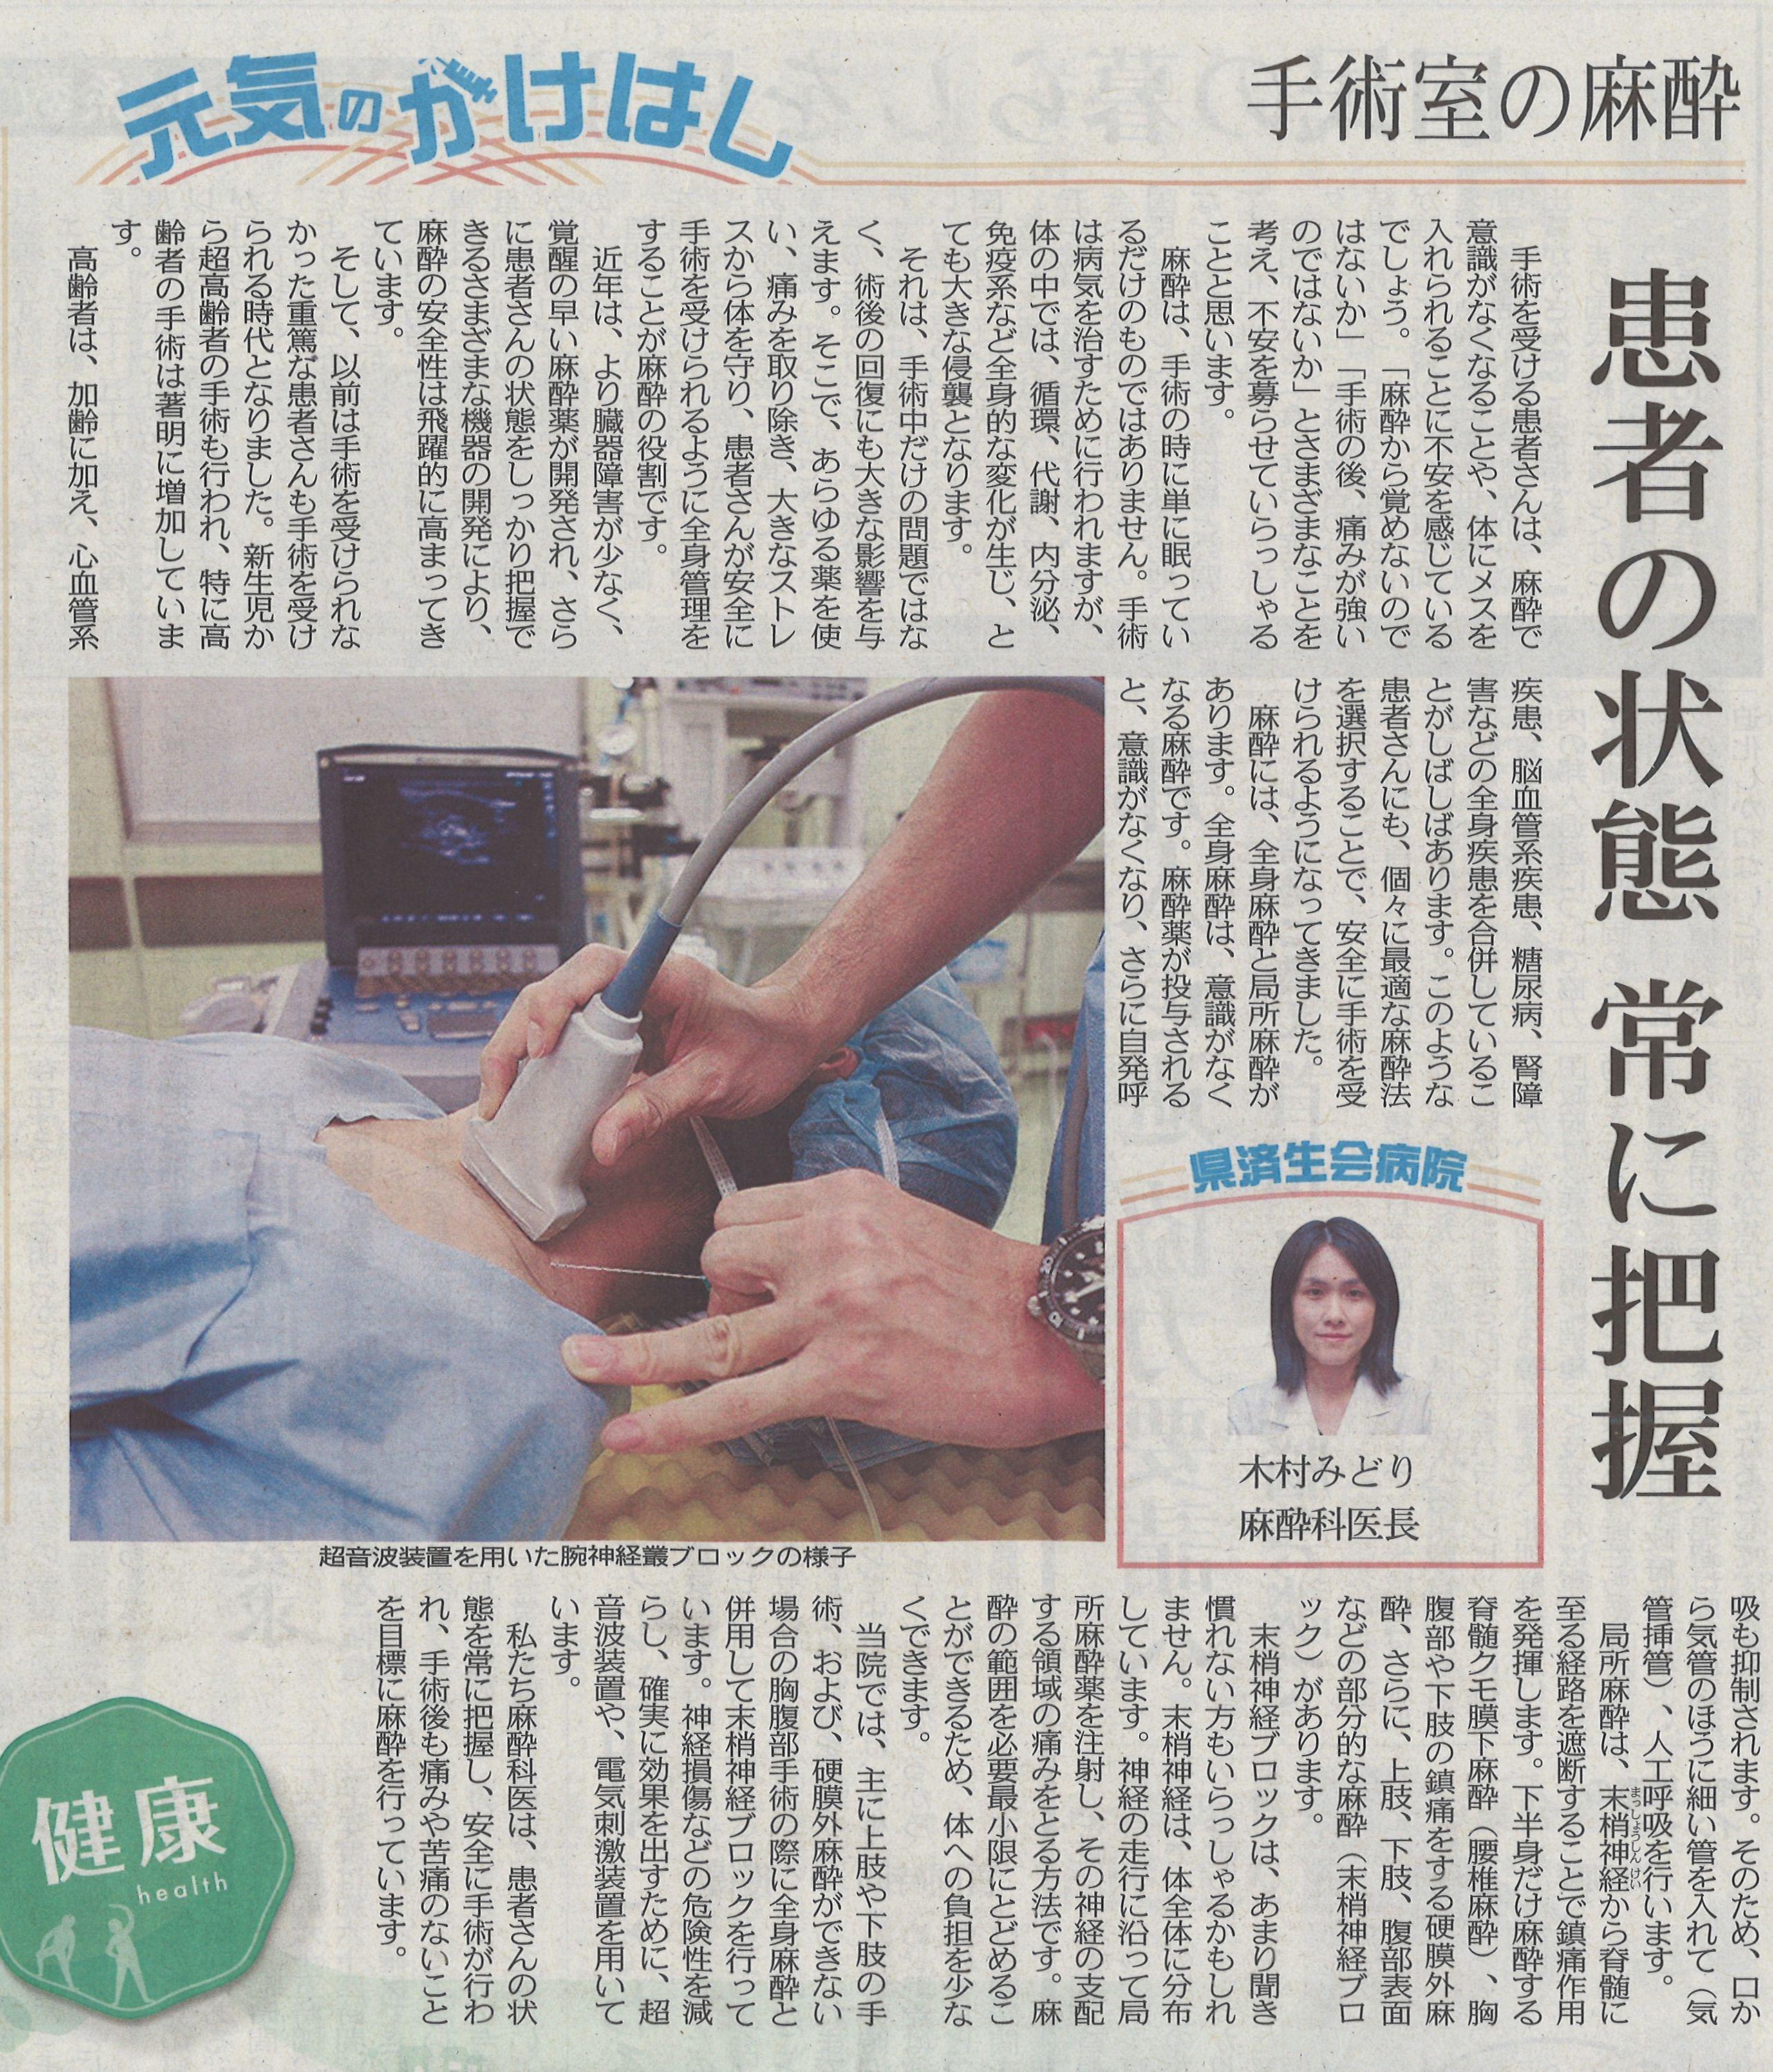 2018年2月3日 日刊県民福井